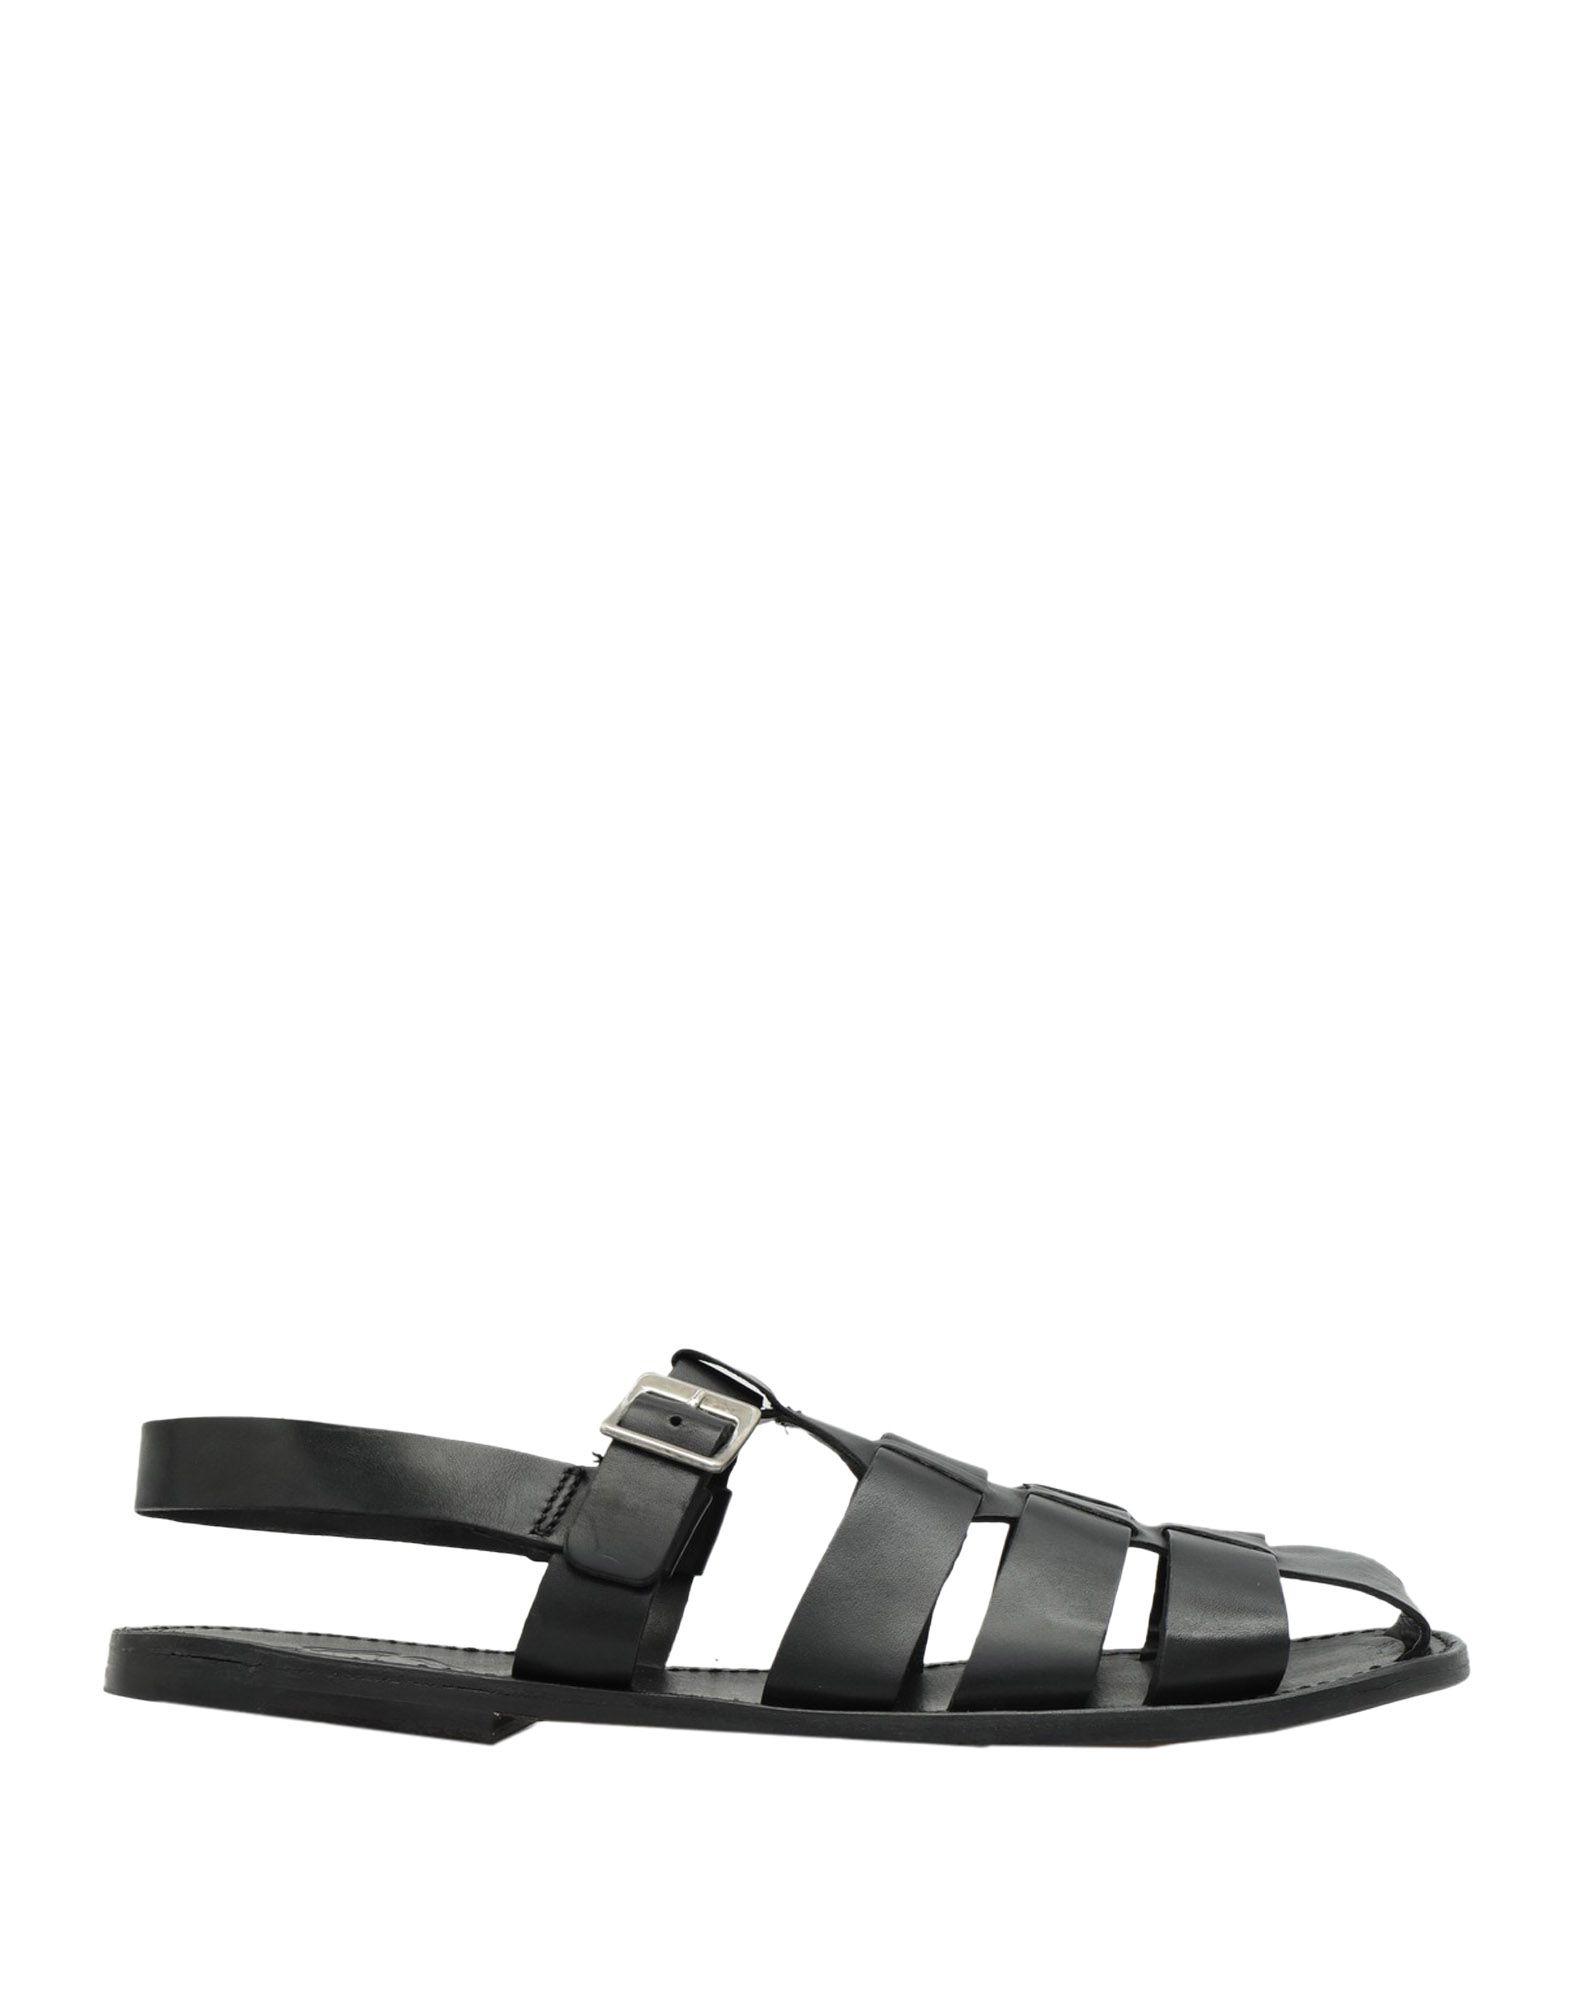 Grenson Sandals SANDALS